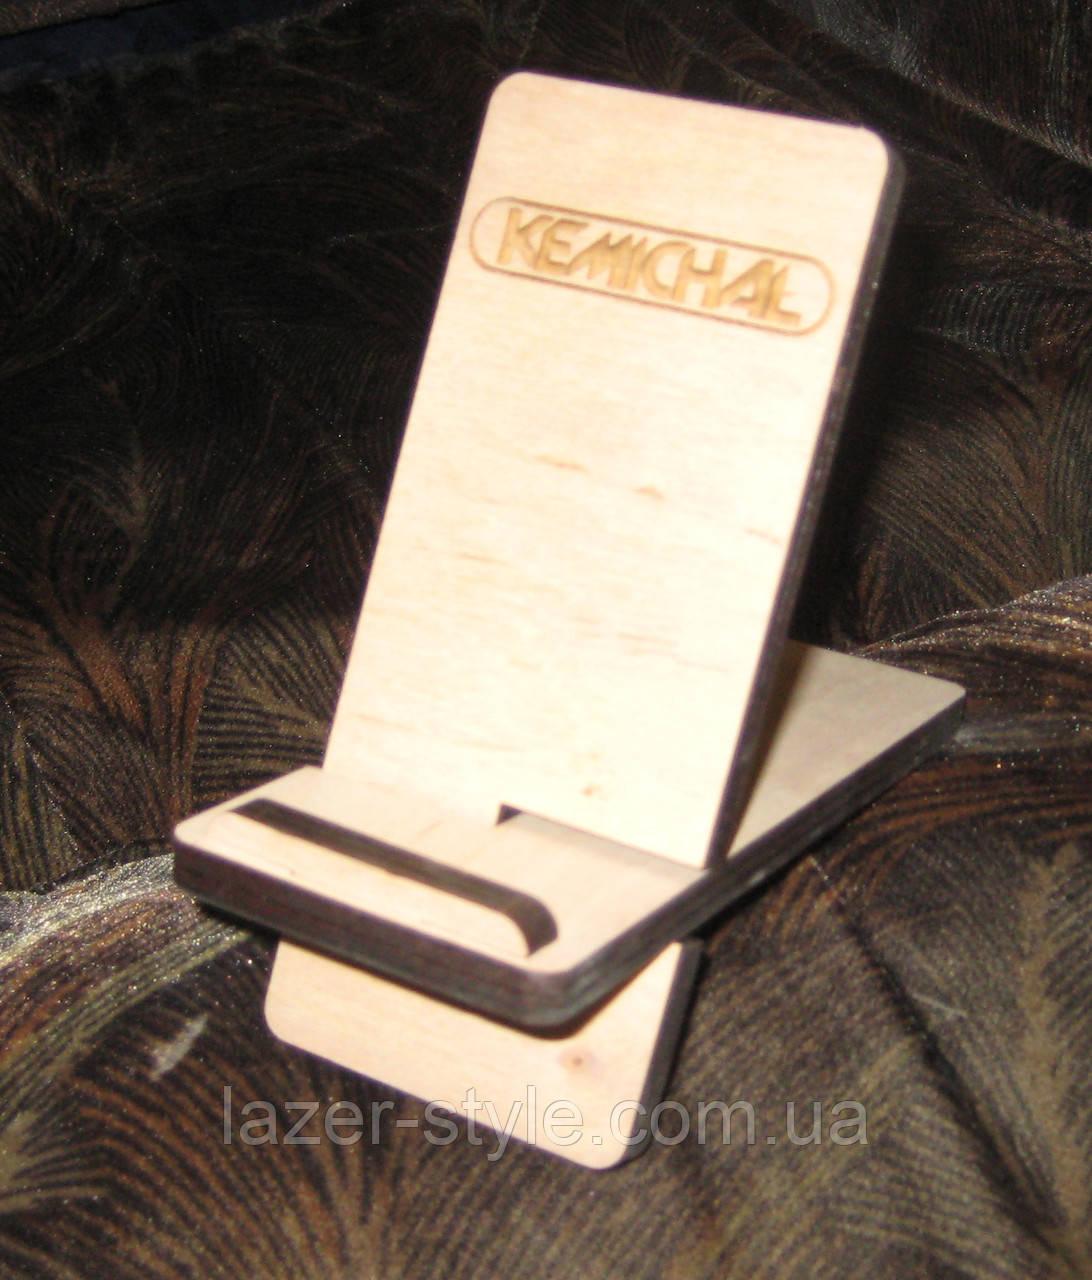 Подставка под телефон береза/ольха